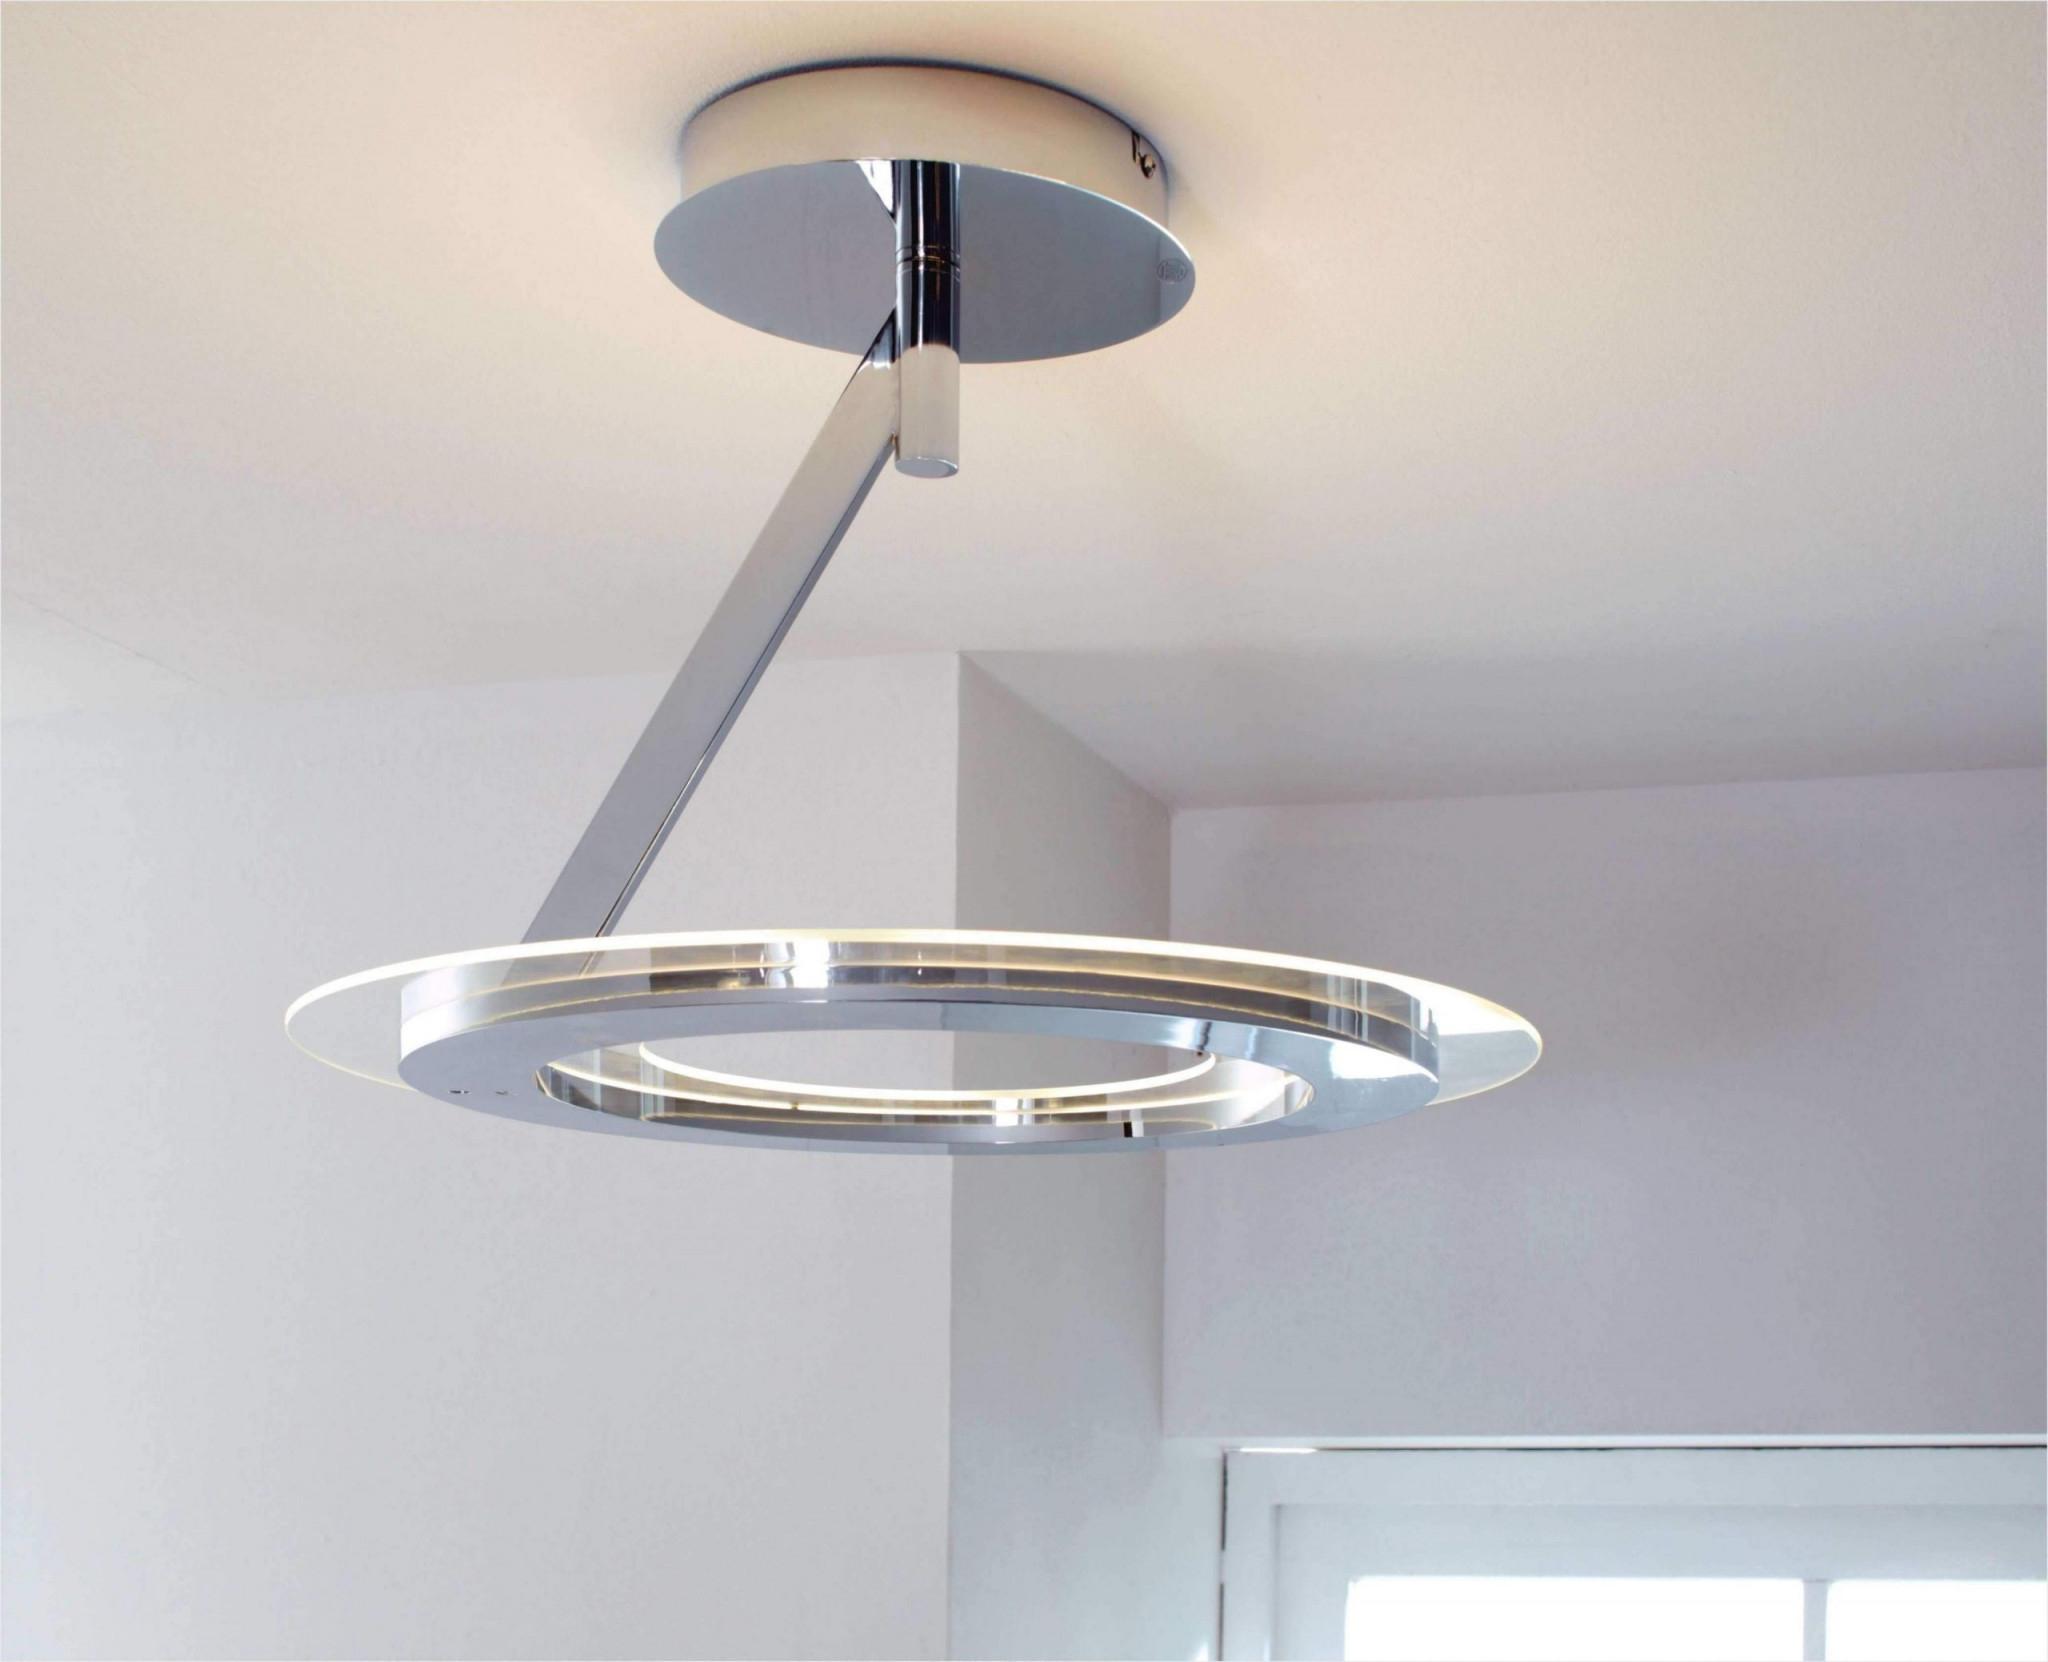 35 Luxus Wohnzimmer Deckenleuchte Modern Reizend von Deckenlampe Wohnzimmer Modern Bild